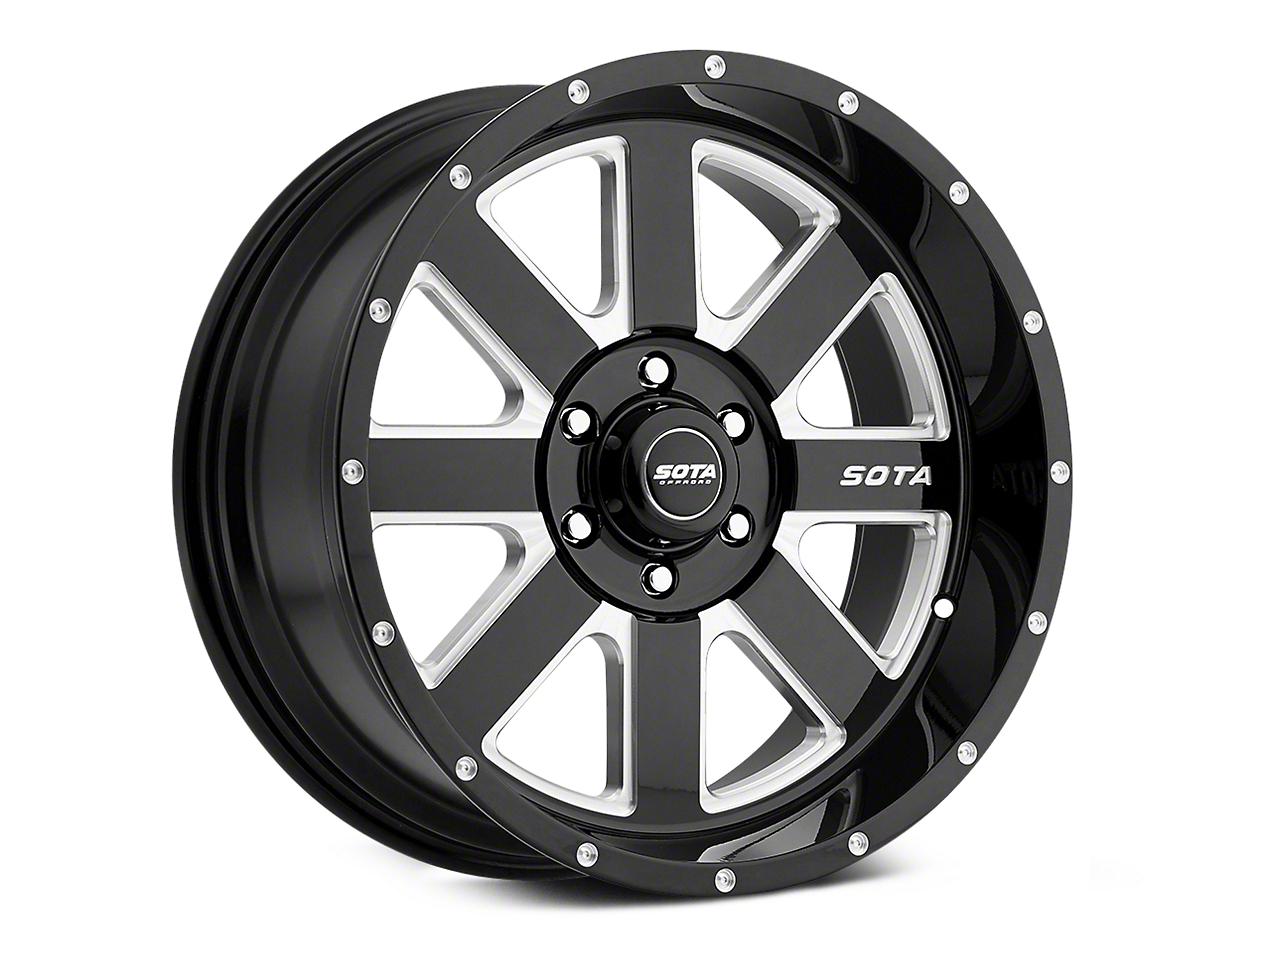 SOTA Off Road AWOL Death Metal 6-Lug Wheel - 20x10 (07-18 Sierra 1500)